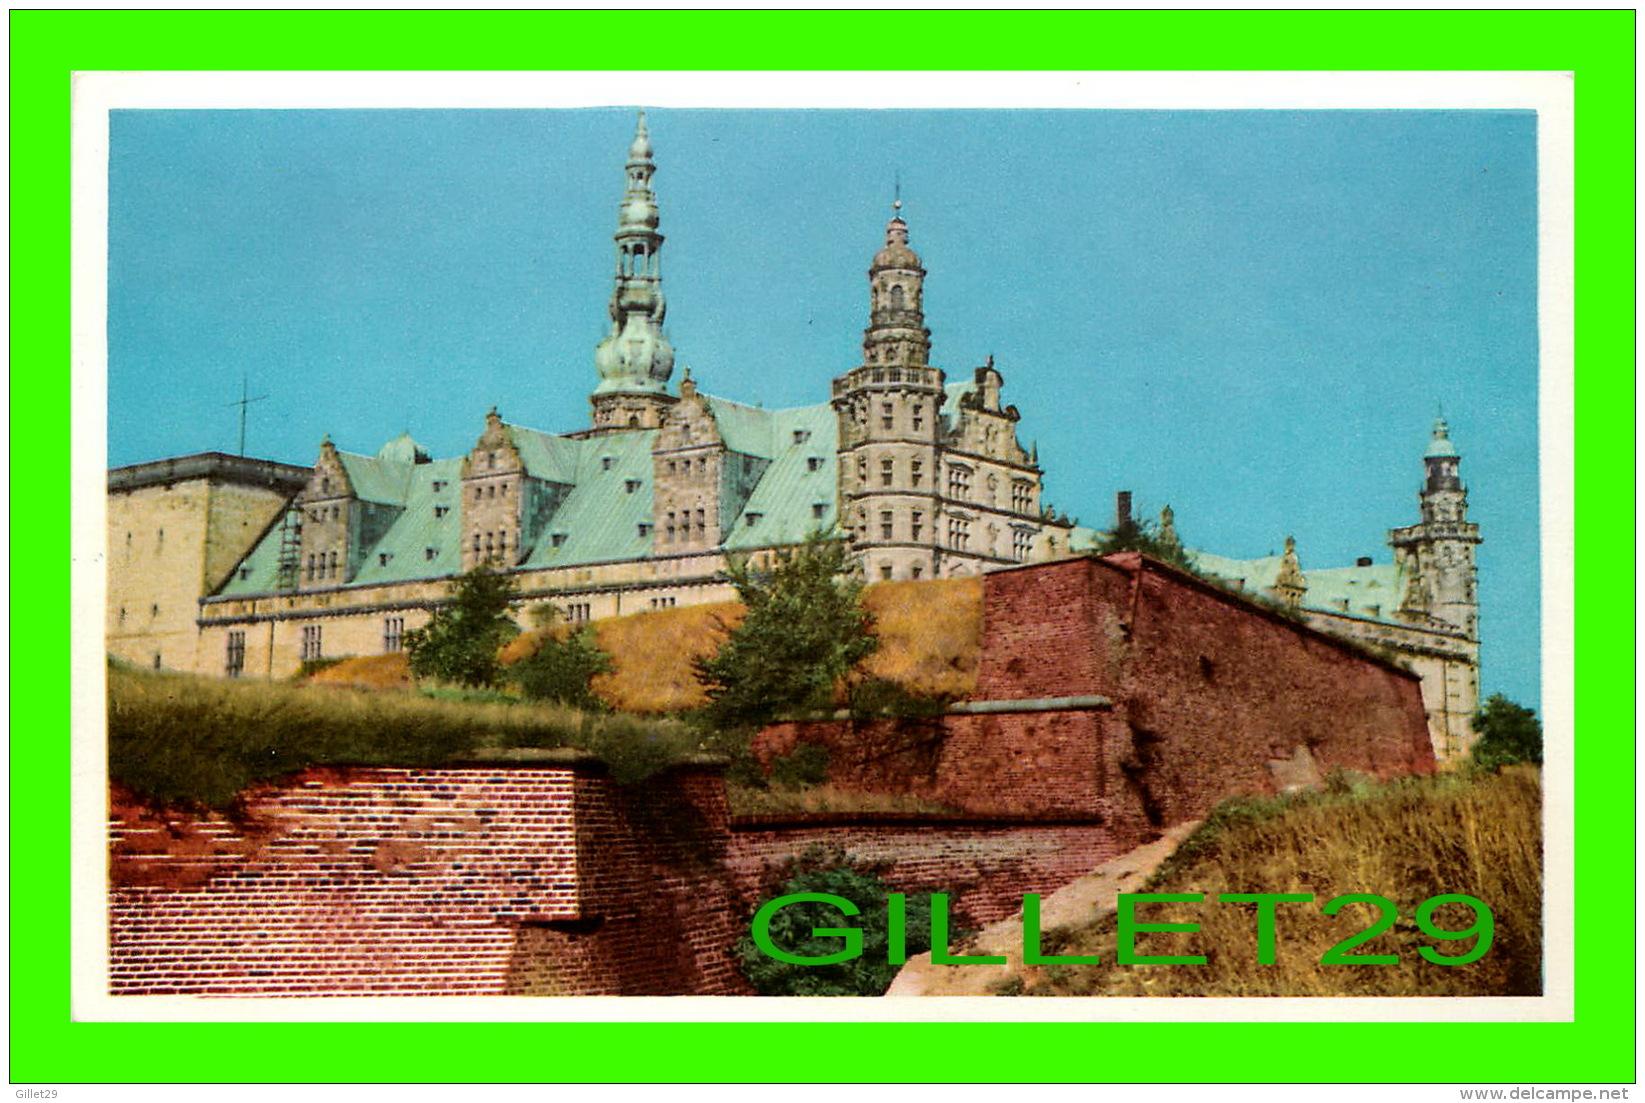 KRONBORG, DANEMARK - ELSINORE KRONBORG CASTLE - - Danemark